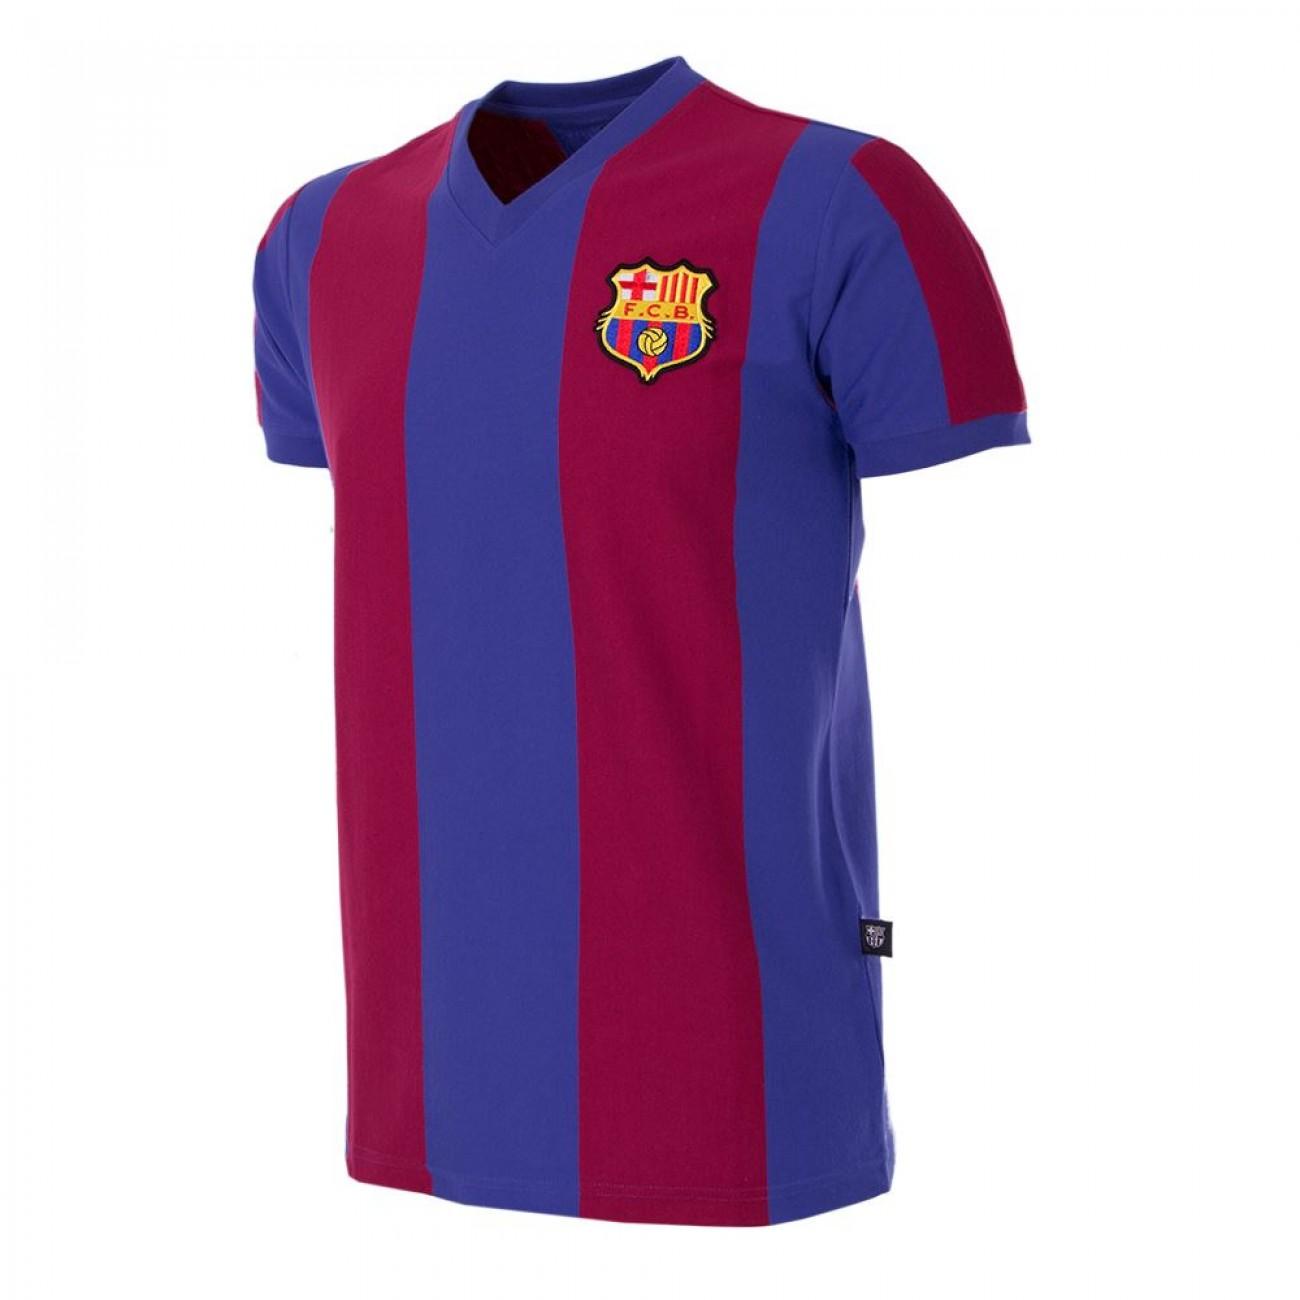 http://www.retrofootball.es/ropa-de-futbol/camiseta-retro-fc-barcelona-a-os-135.html